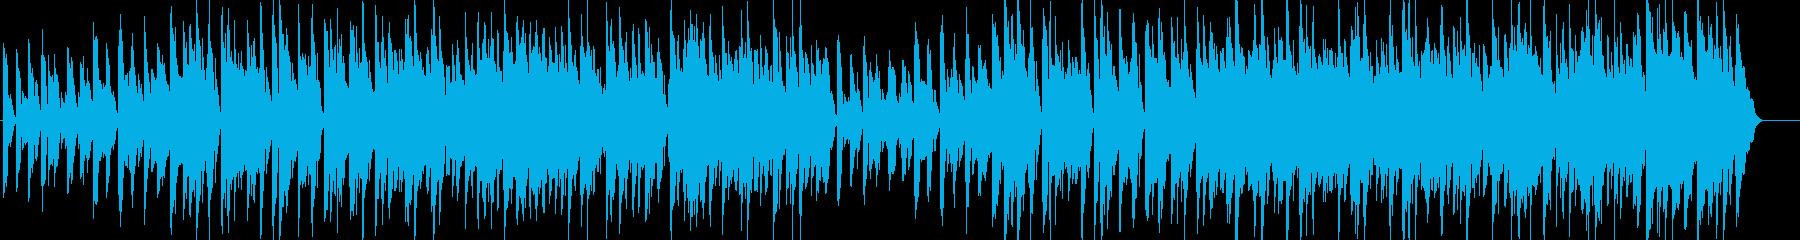 ウキウキ・陽気・軽快・明るい・ピアノの再生済みの波形